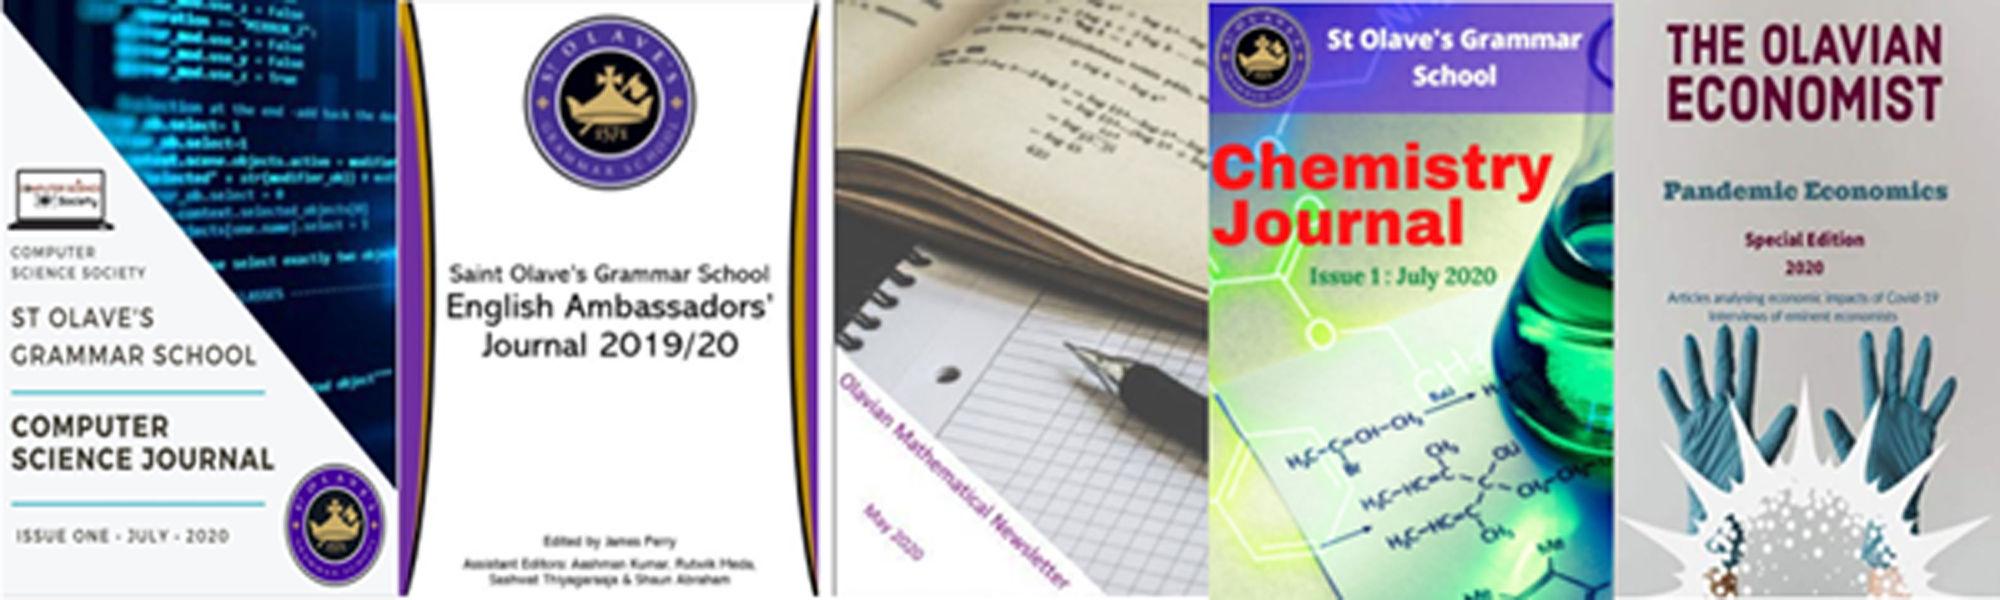 Journals header final version